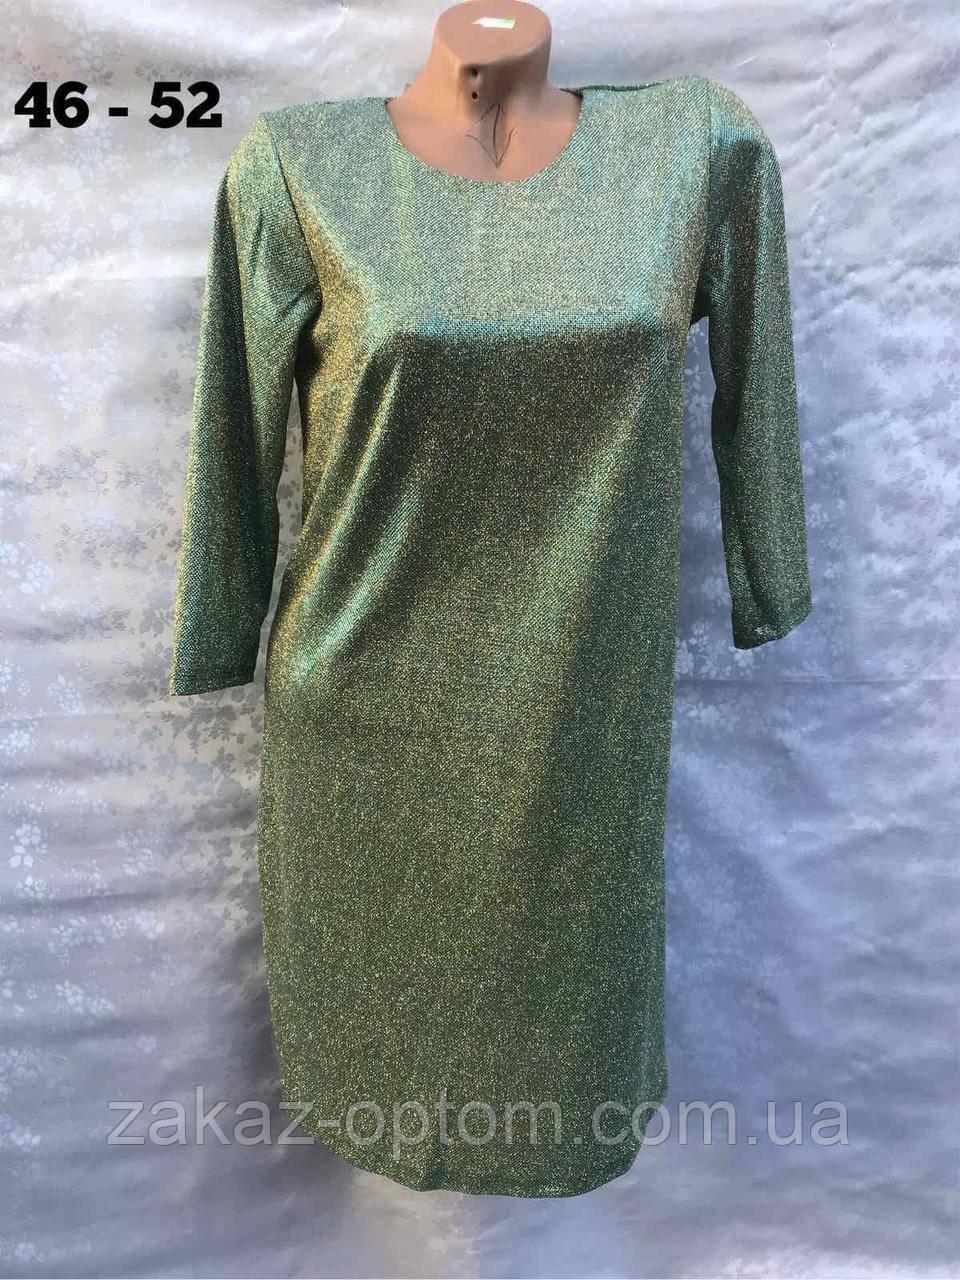 Платье женское оптом(46-52)Украина-64620